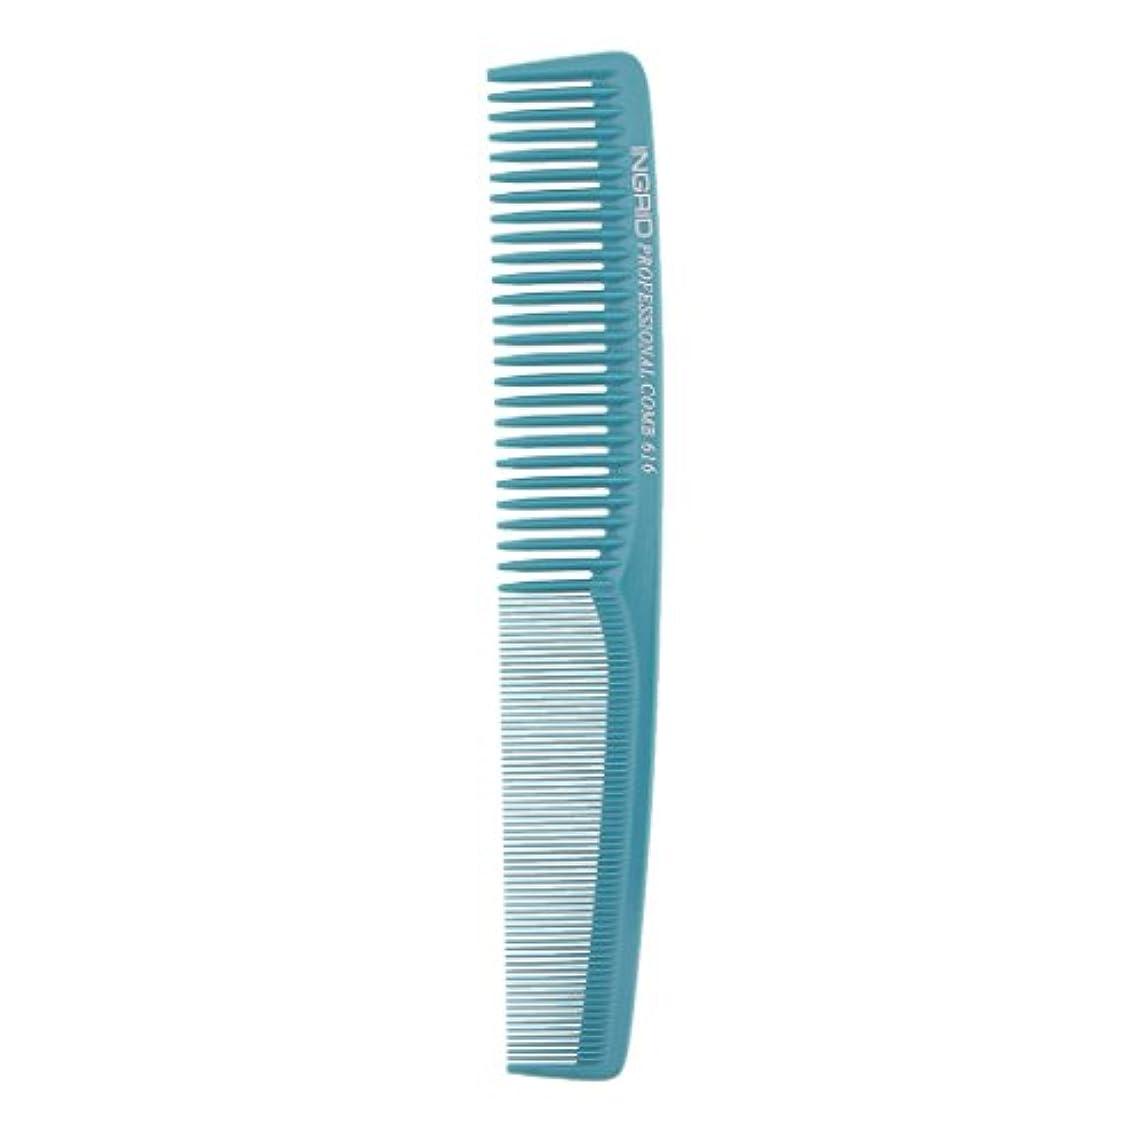 バイオレット肖像画八百屋さんプロサロンヘアースタイリング理髪帯電防止理容室もつれ櫛ブラシ - ライトブルー